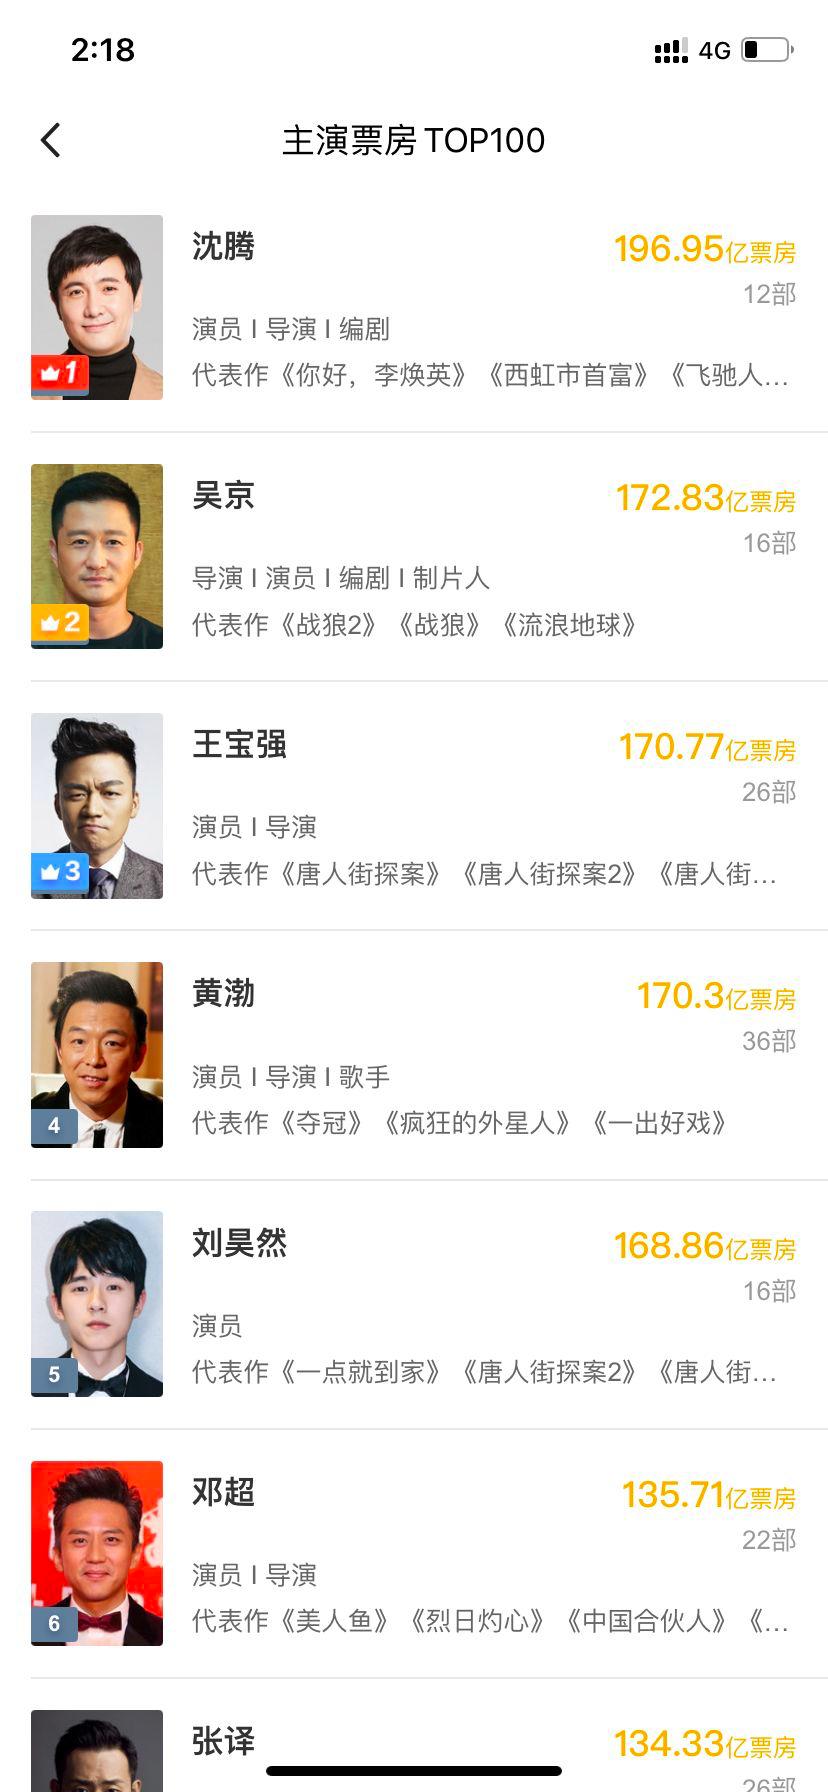 《四海》定档春节,14位大咖齐聚,韩寒有了他,票房过50亿有望